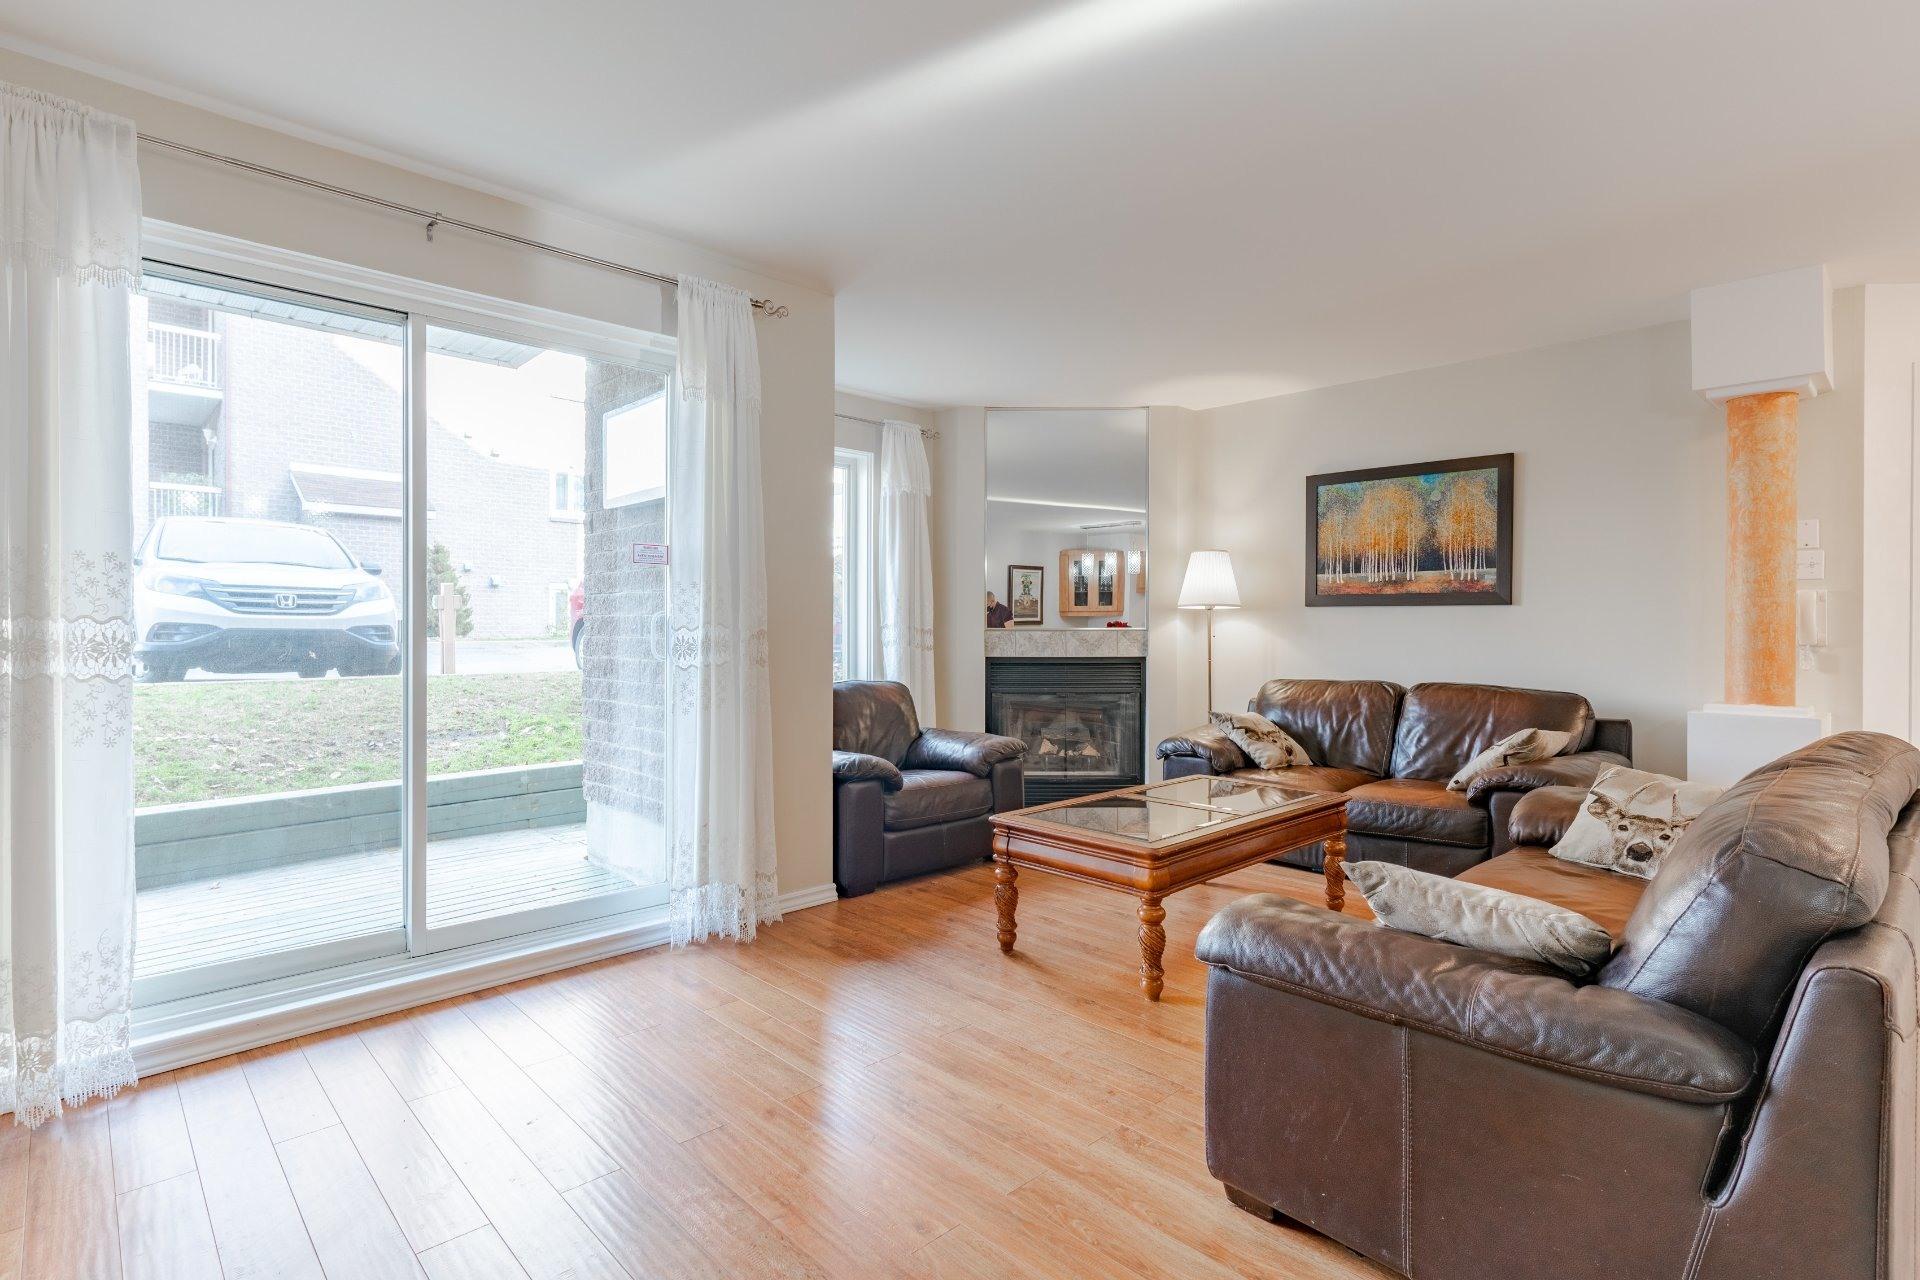 image 2 - Appartement À vendre Saint-Léonard Montréal  - 6 pièces